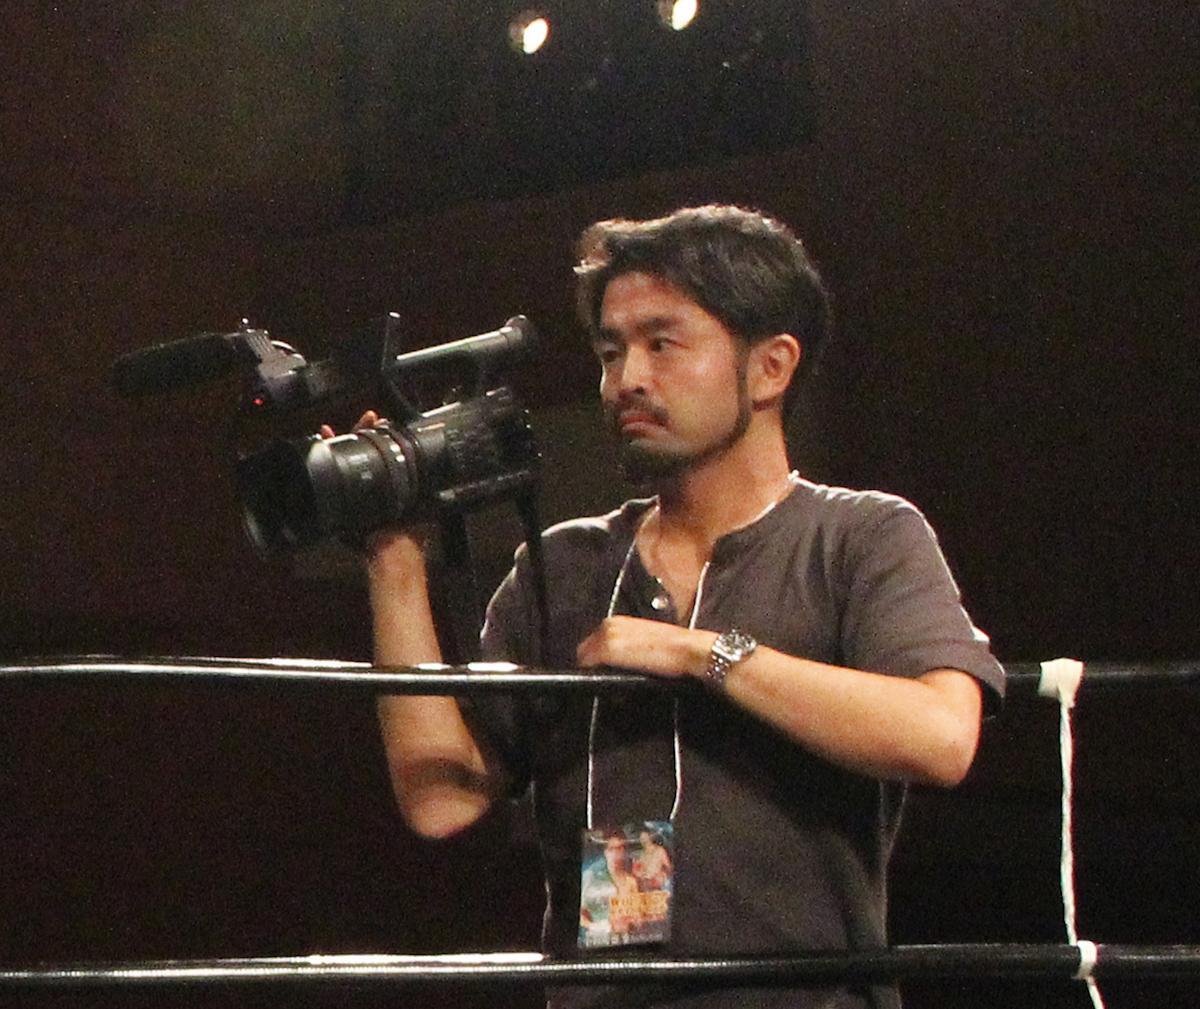 「東京ドキュメンタリー映画祭」で上映される「破天荒ボクサー」を監督した武田倫和さん